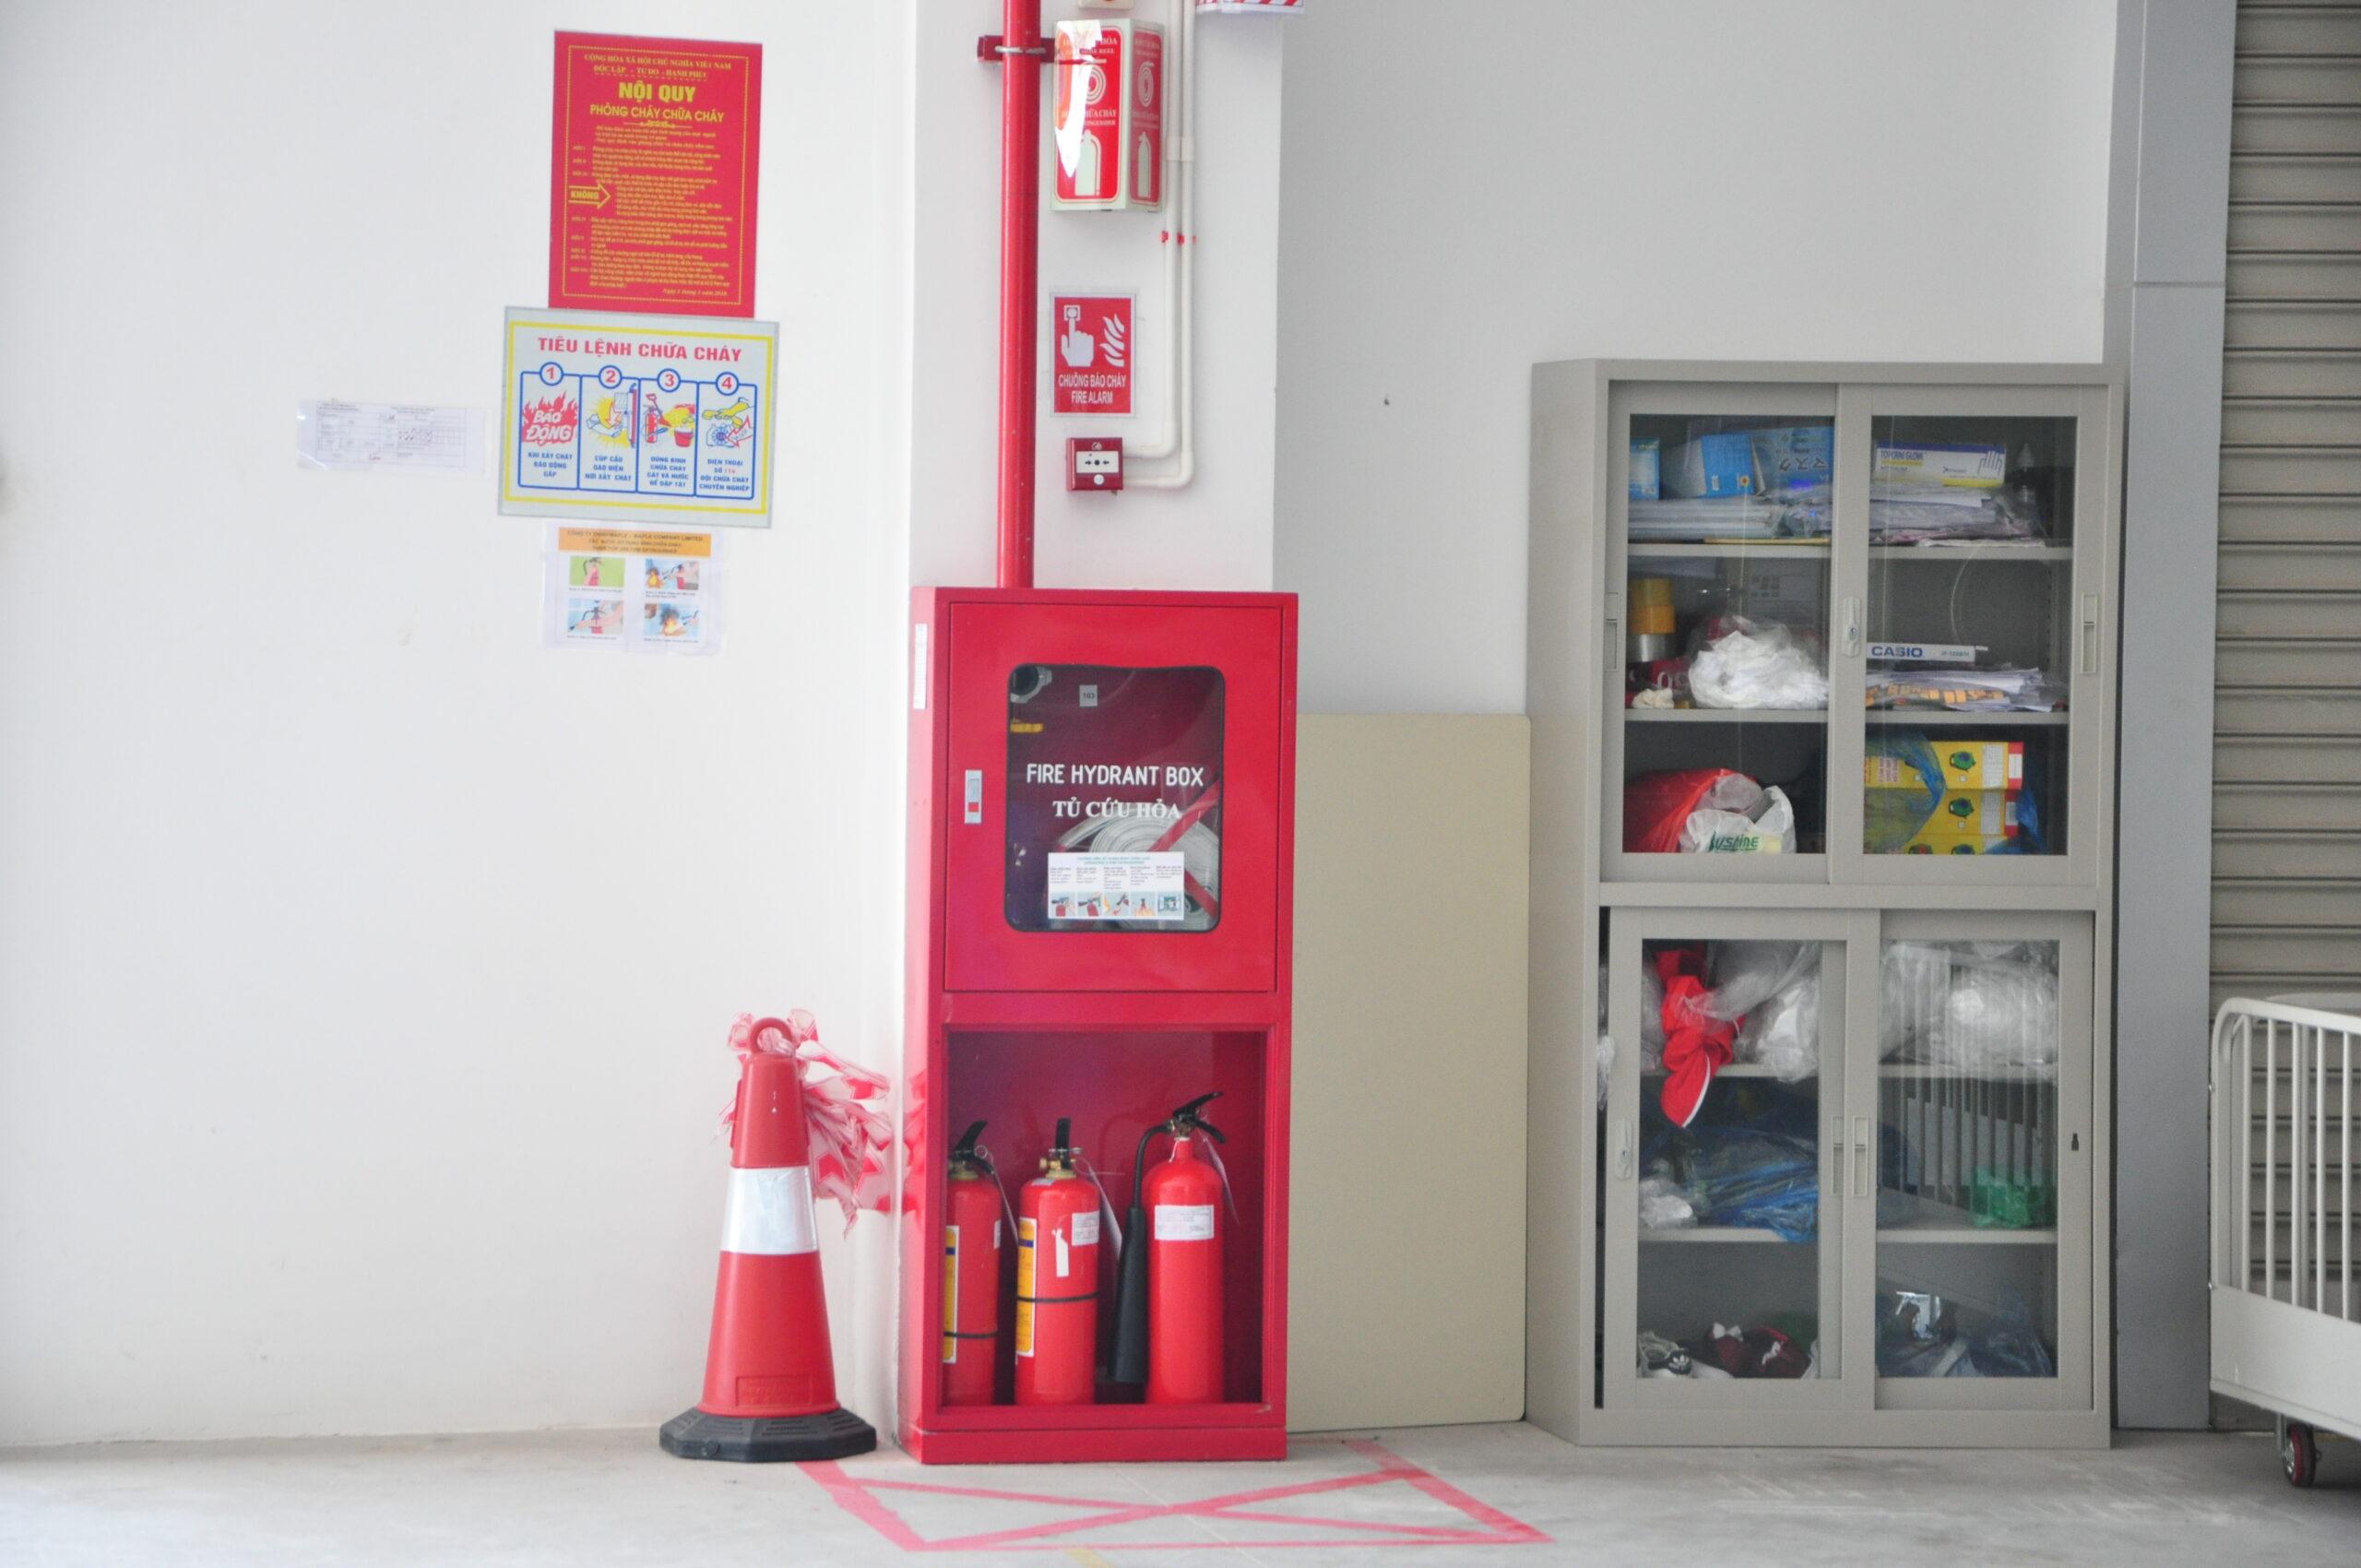 Bình chữa cháy được trang bị để bảo vệ cho nhiều không gian